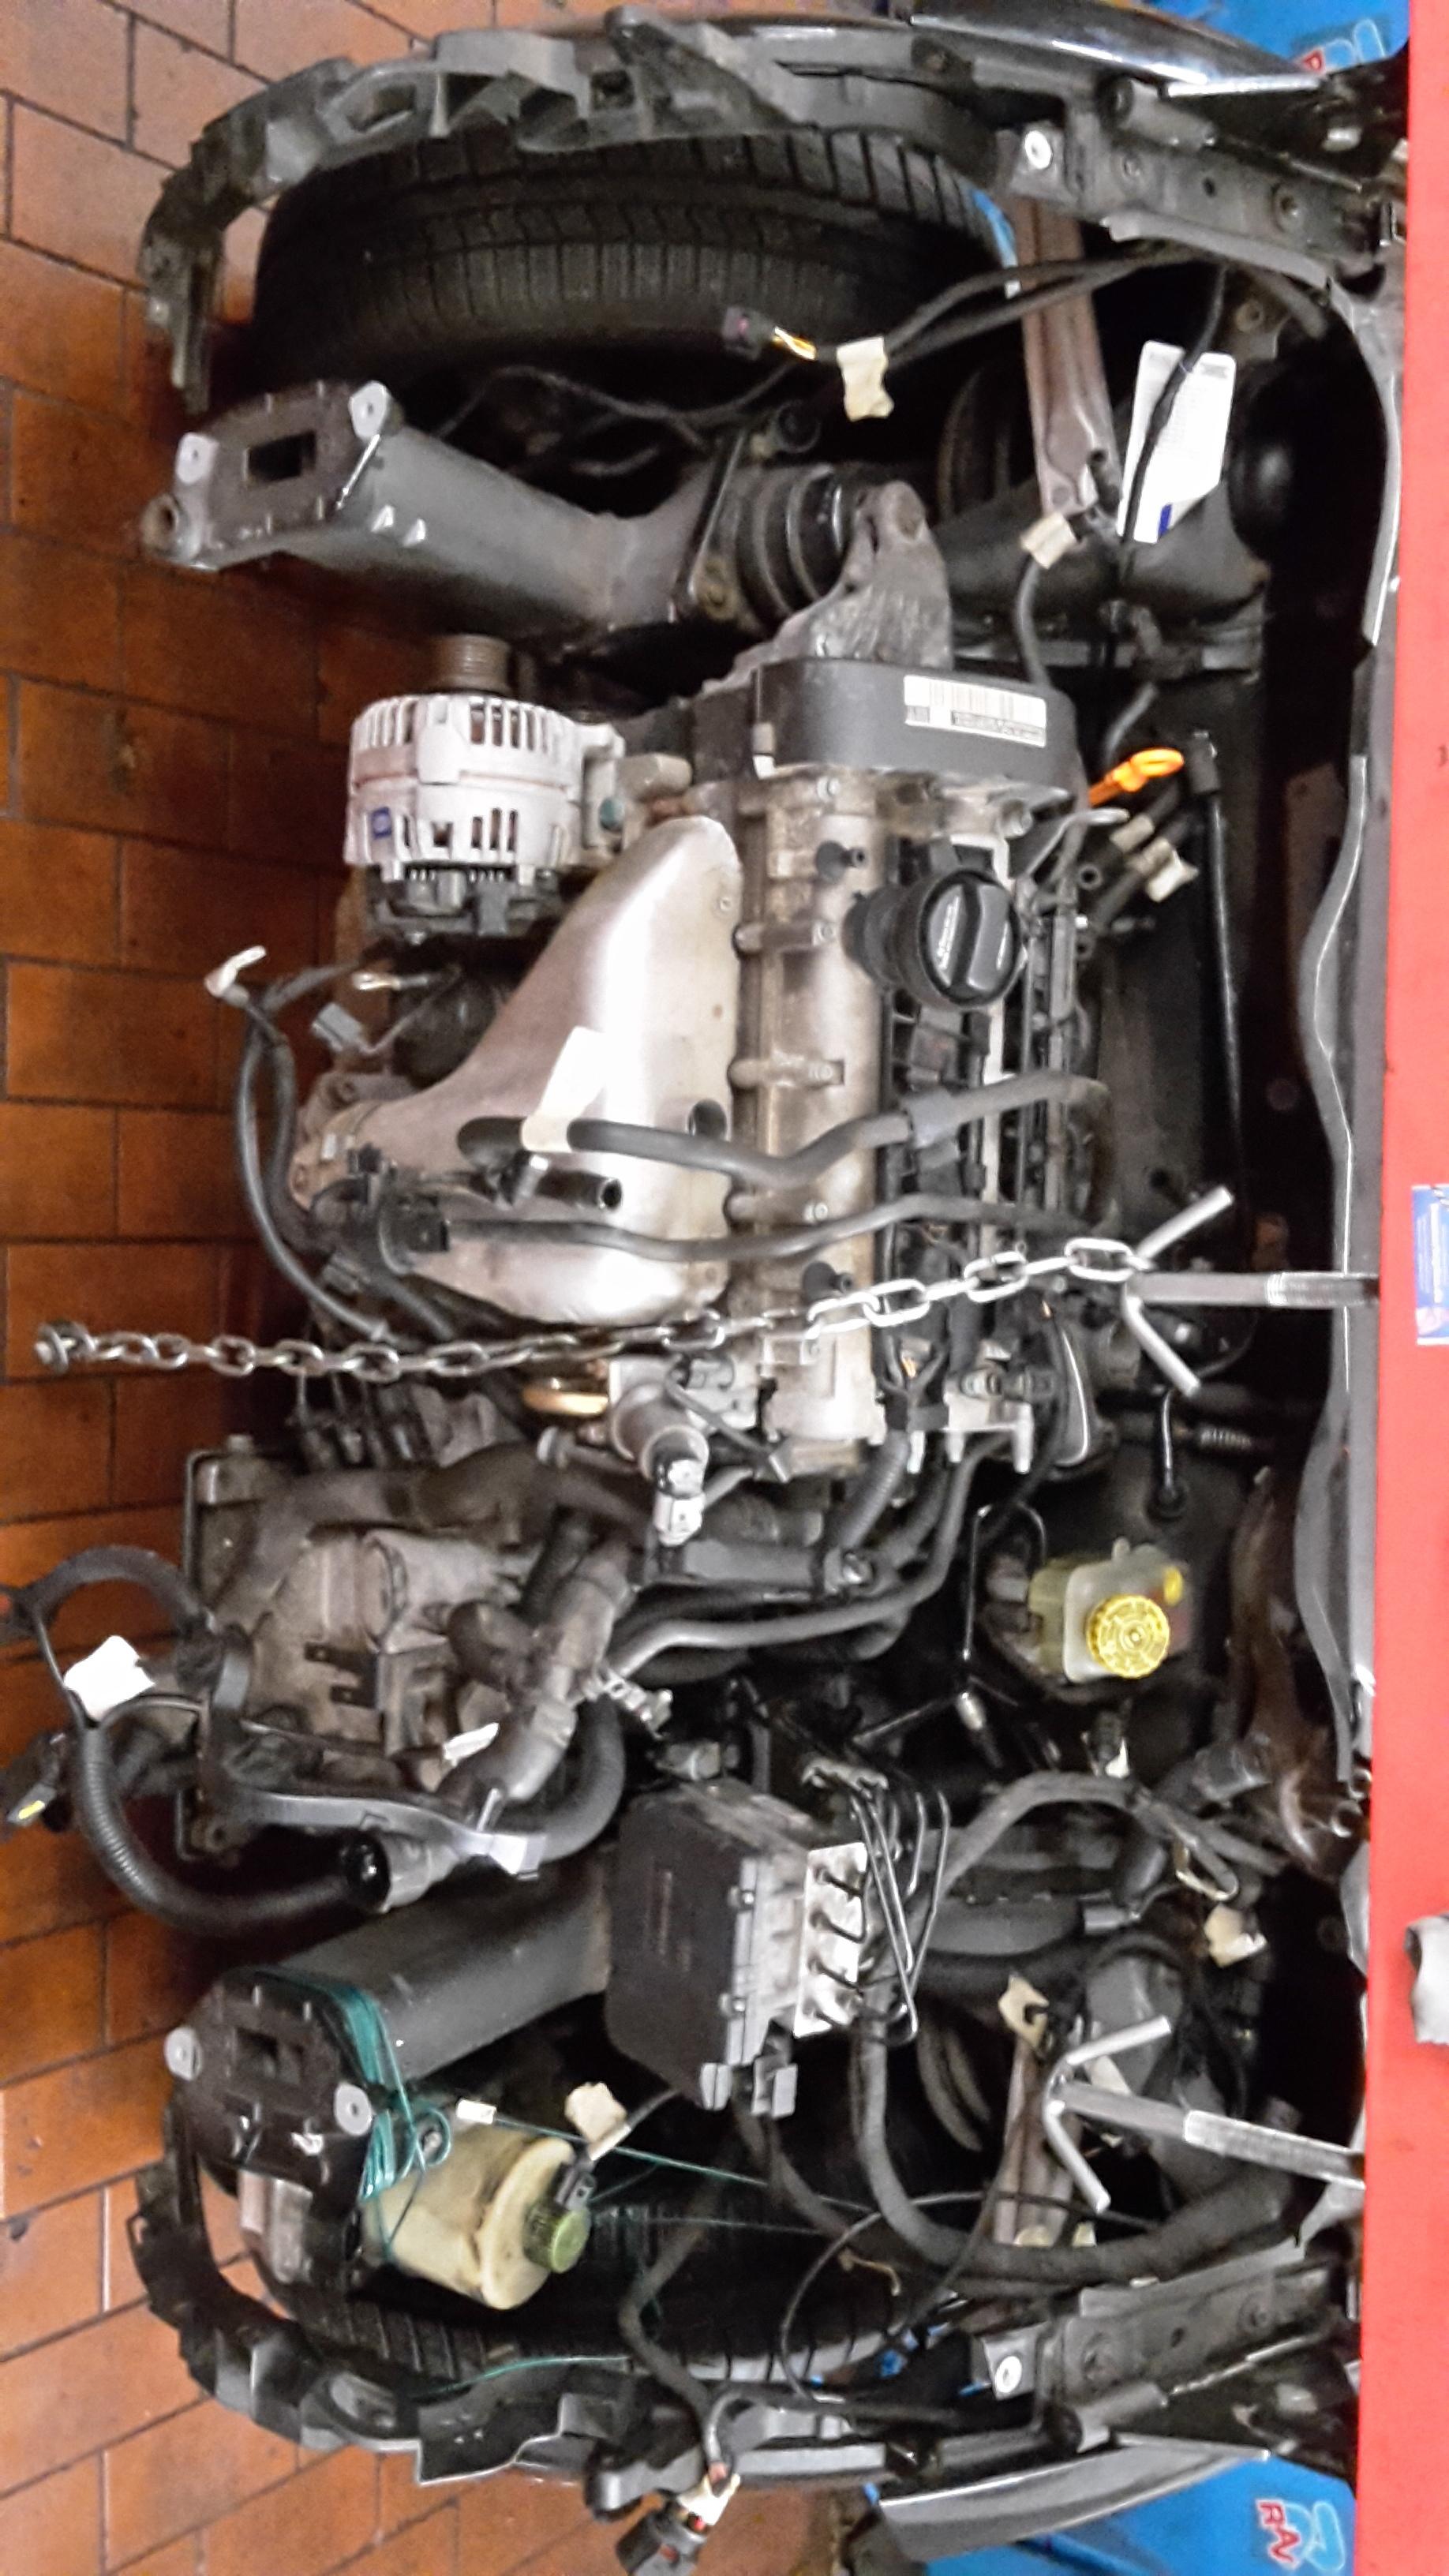 58934400e2551_eingebauterMotor.jpg.4fdc2417dcaa2f65766c6dabcee8756b.jpg